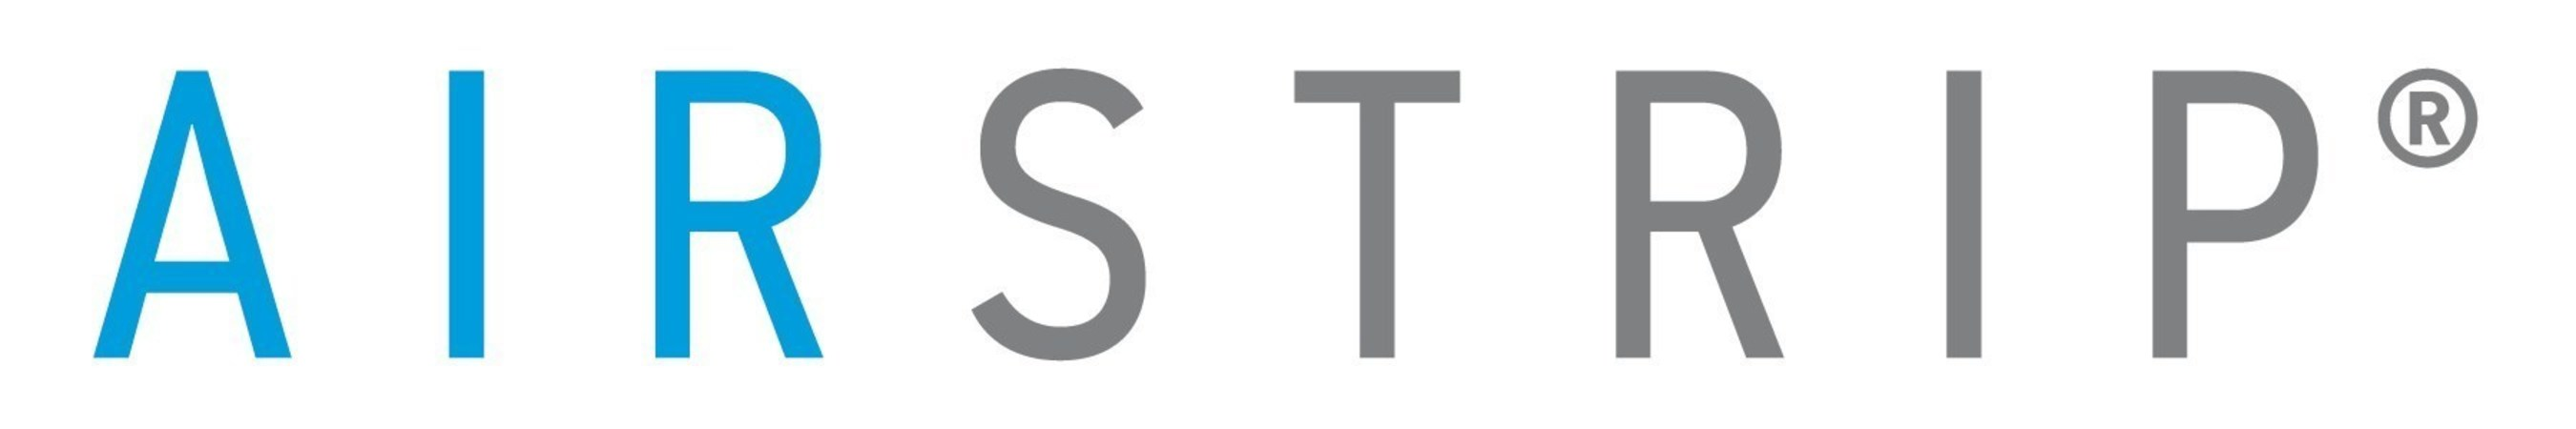 AirStrip (R)